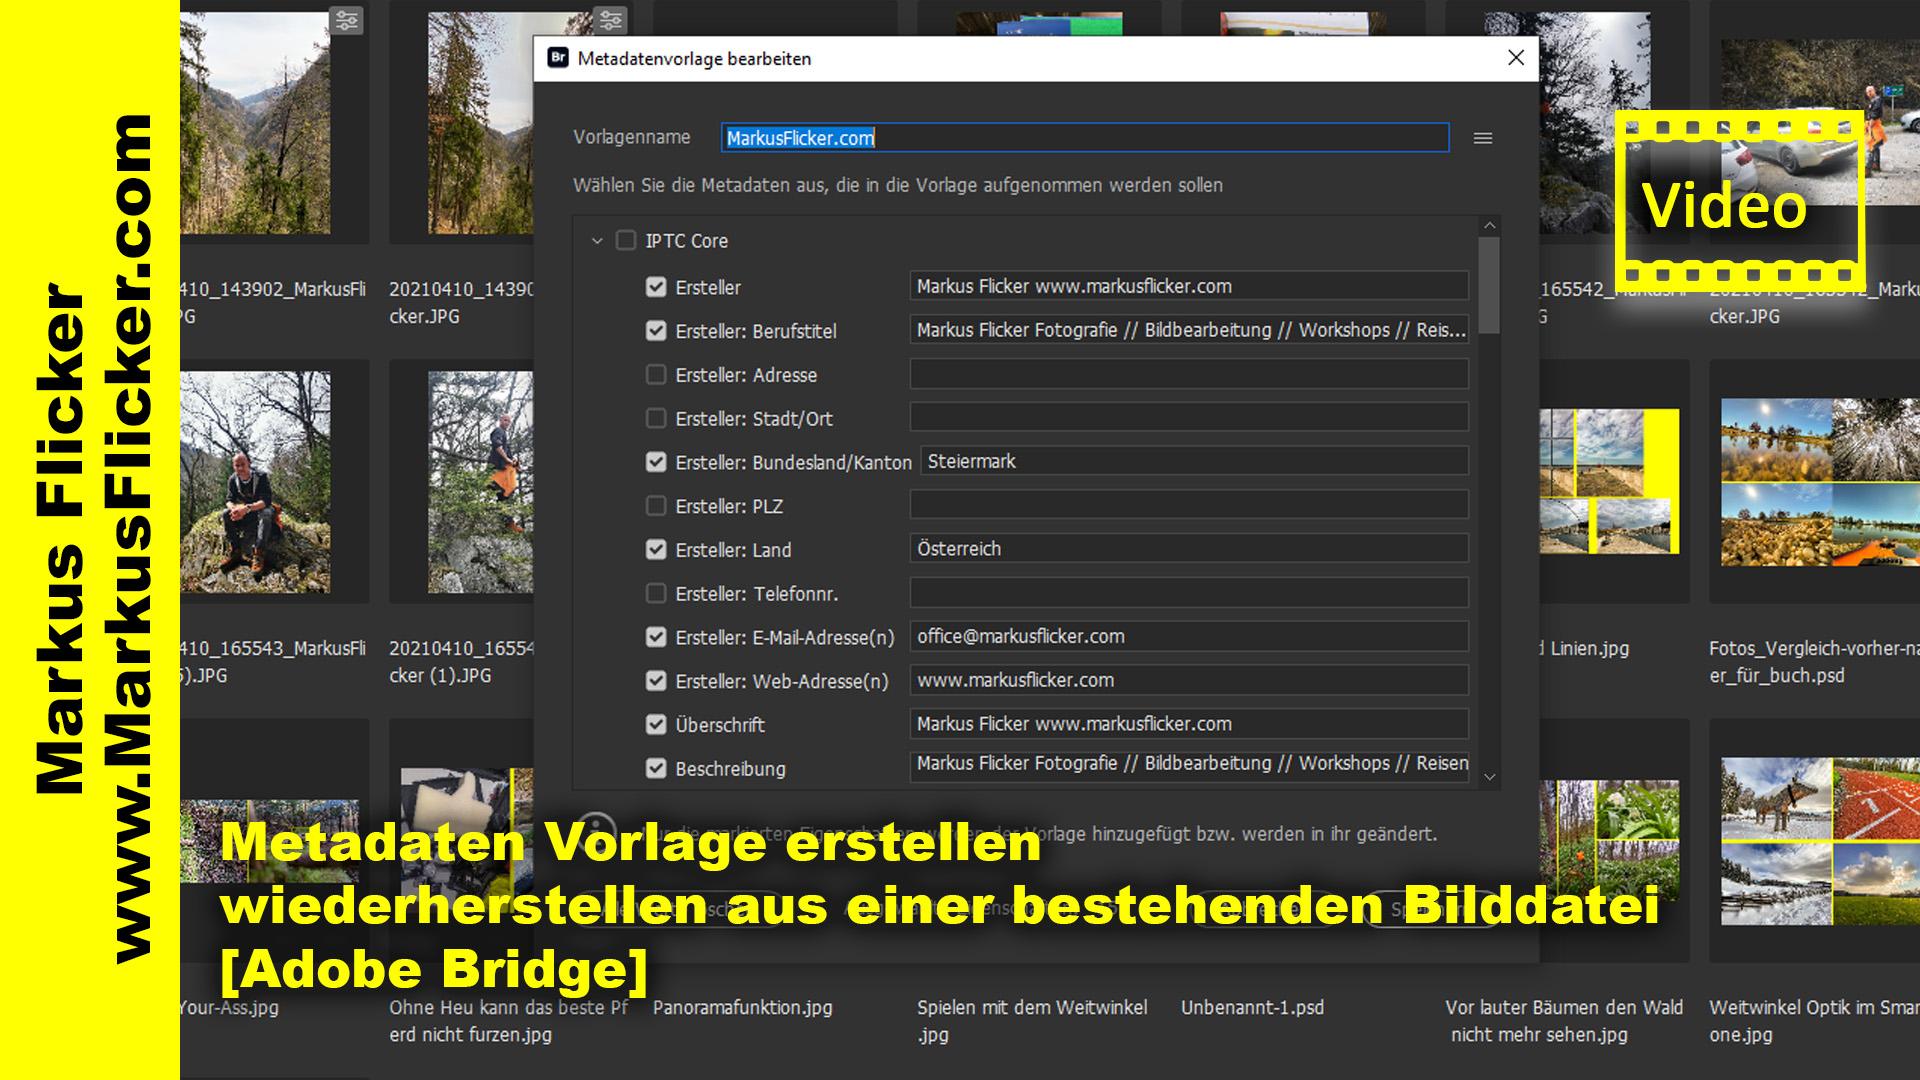 Metadaten Vorlage erstellen / wiederherstellen aus einer bestehenden Bilddatei [Adobe Bridge]